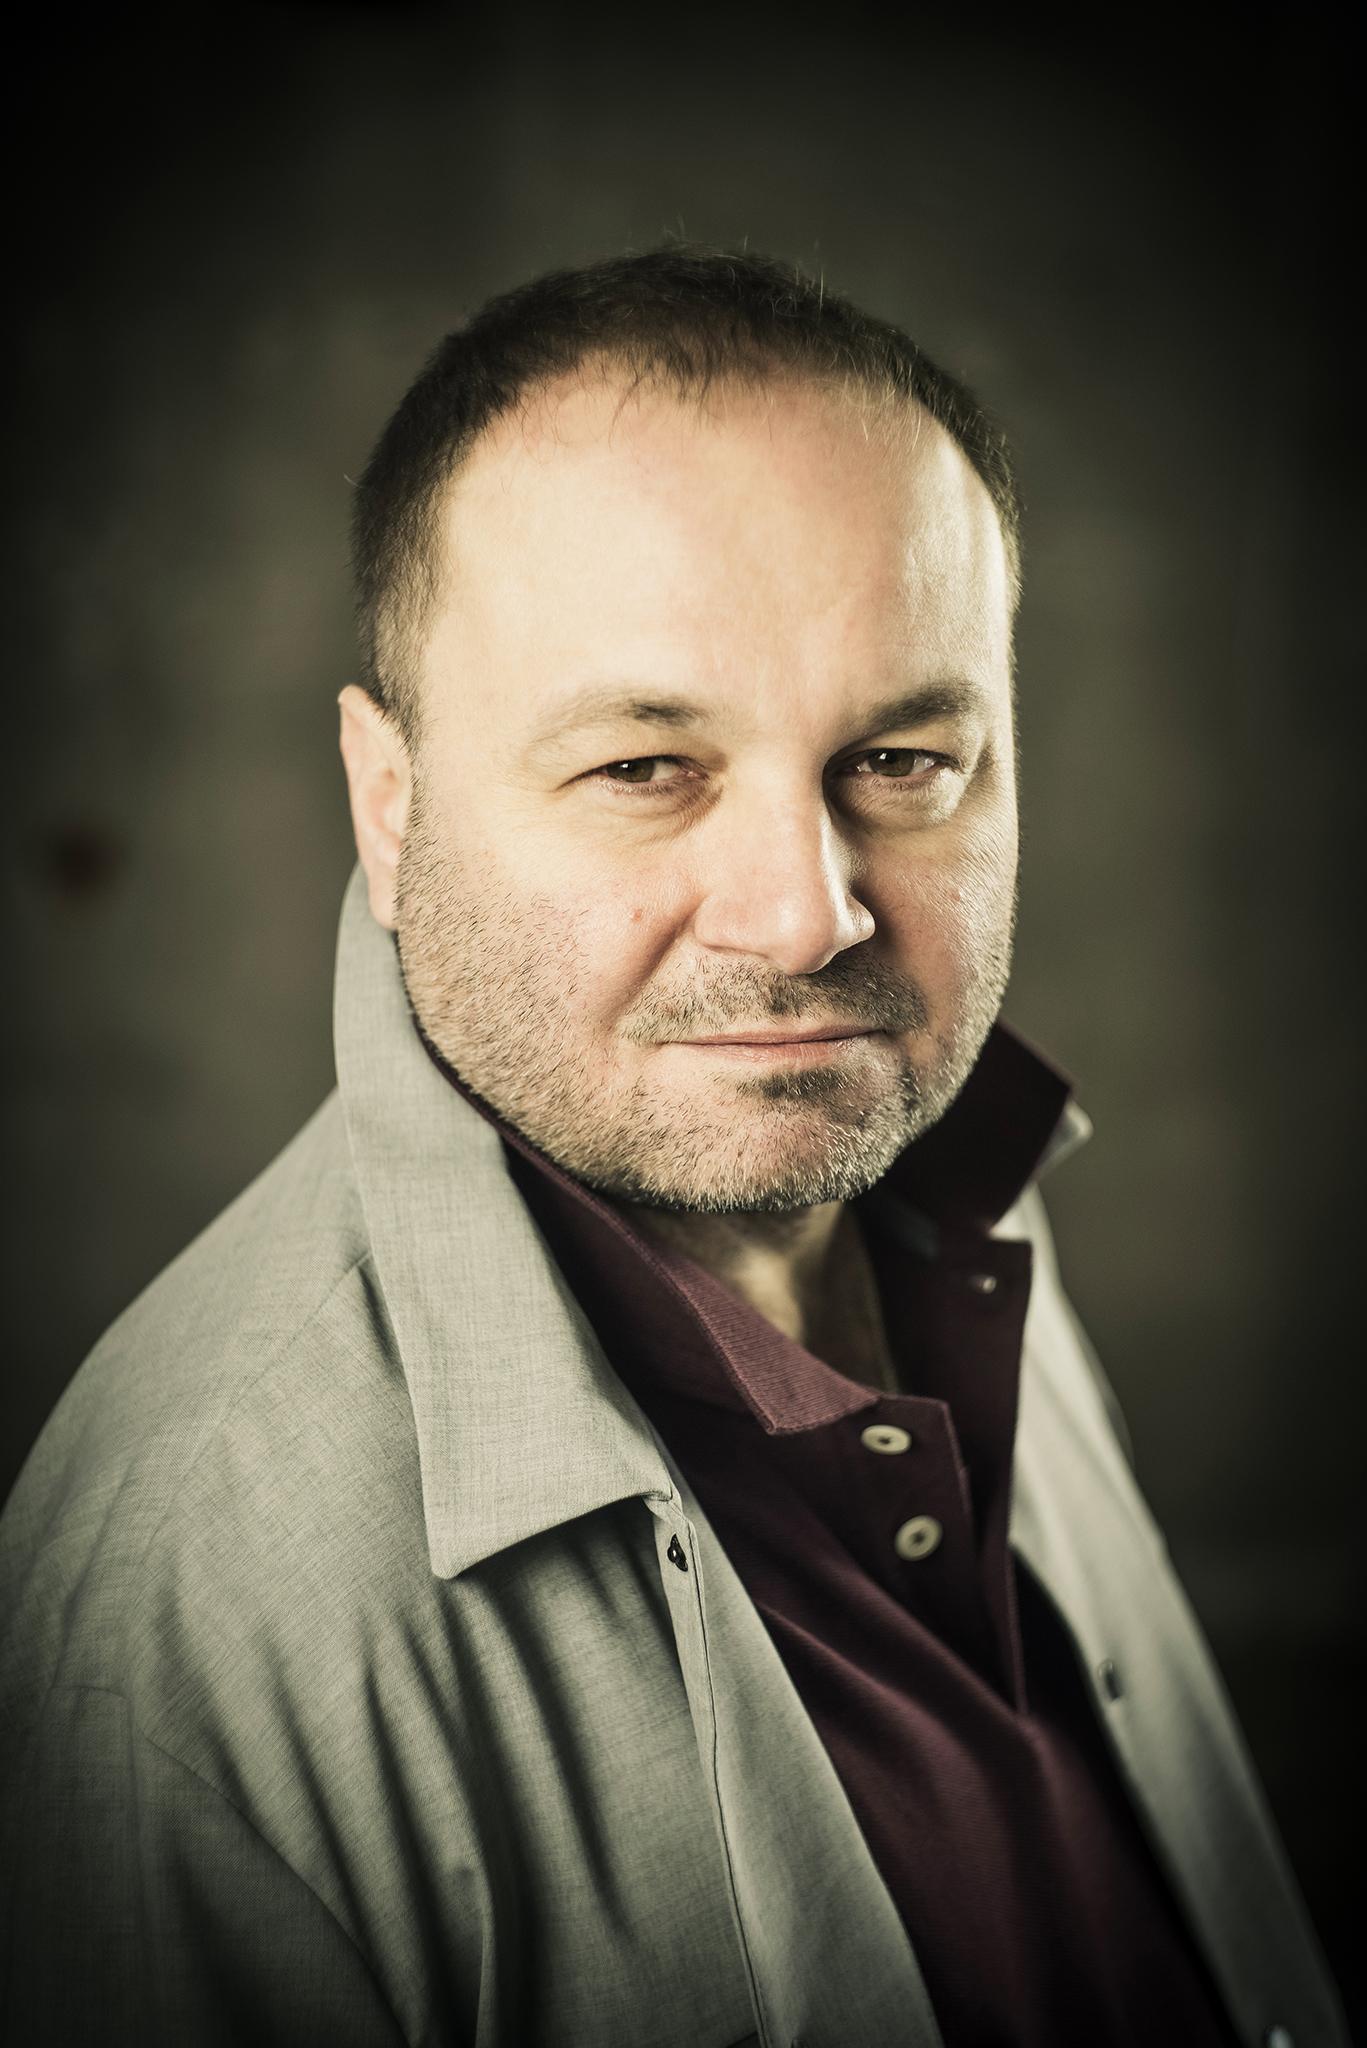 Janusz Kaczmarski - Janusz Kaczmarski studiował w PWSFTviT. Od roku 2001 pracuje na Scenie Polskiej teatru w Czeskim Cieszynie.Zagrał wiele ról telewizyjnych i filmowych. W 2012 otrzymałnagrodę im. Leny Starke za rolę Stanisława Wokulskiego w spektaklu